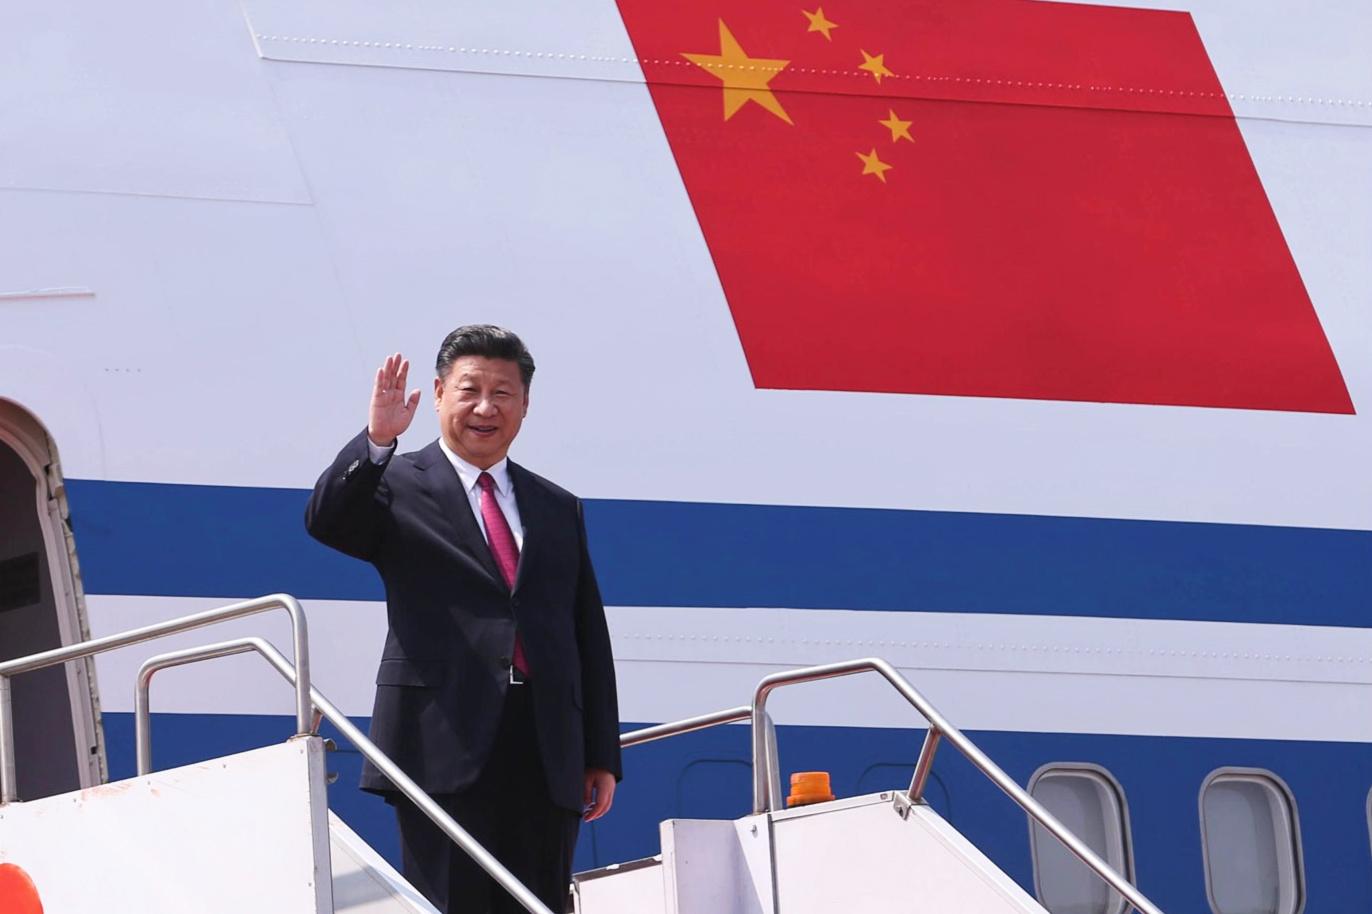 Xi returns to Beijing after DPRK visit